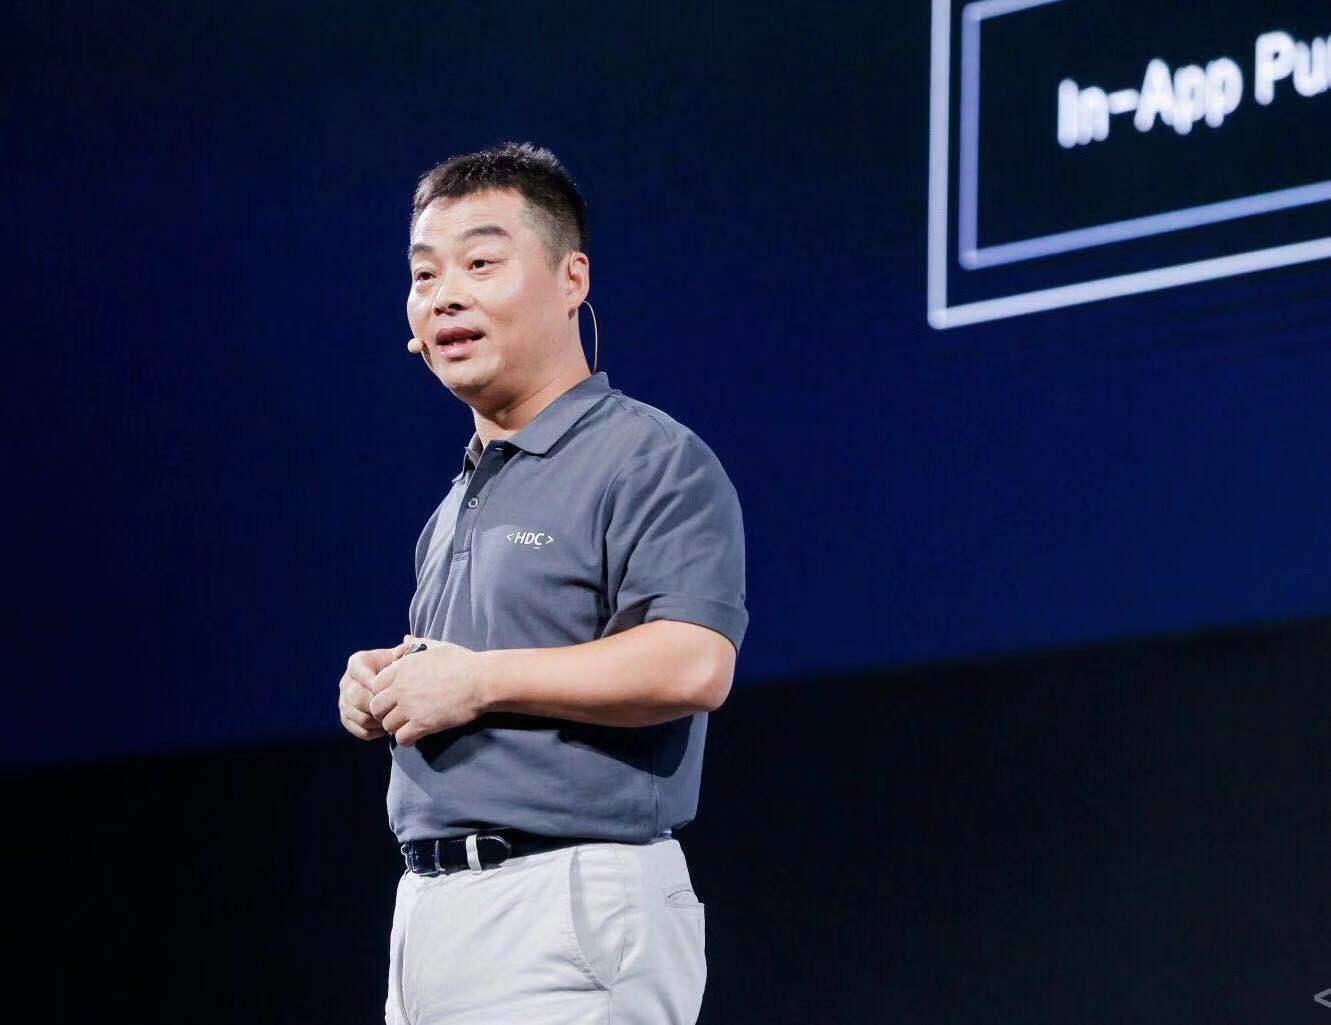 华为消费者业务云服务总裁张平安:10亿美元激励鸿蒙生态开发者